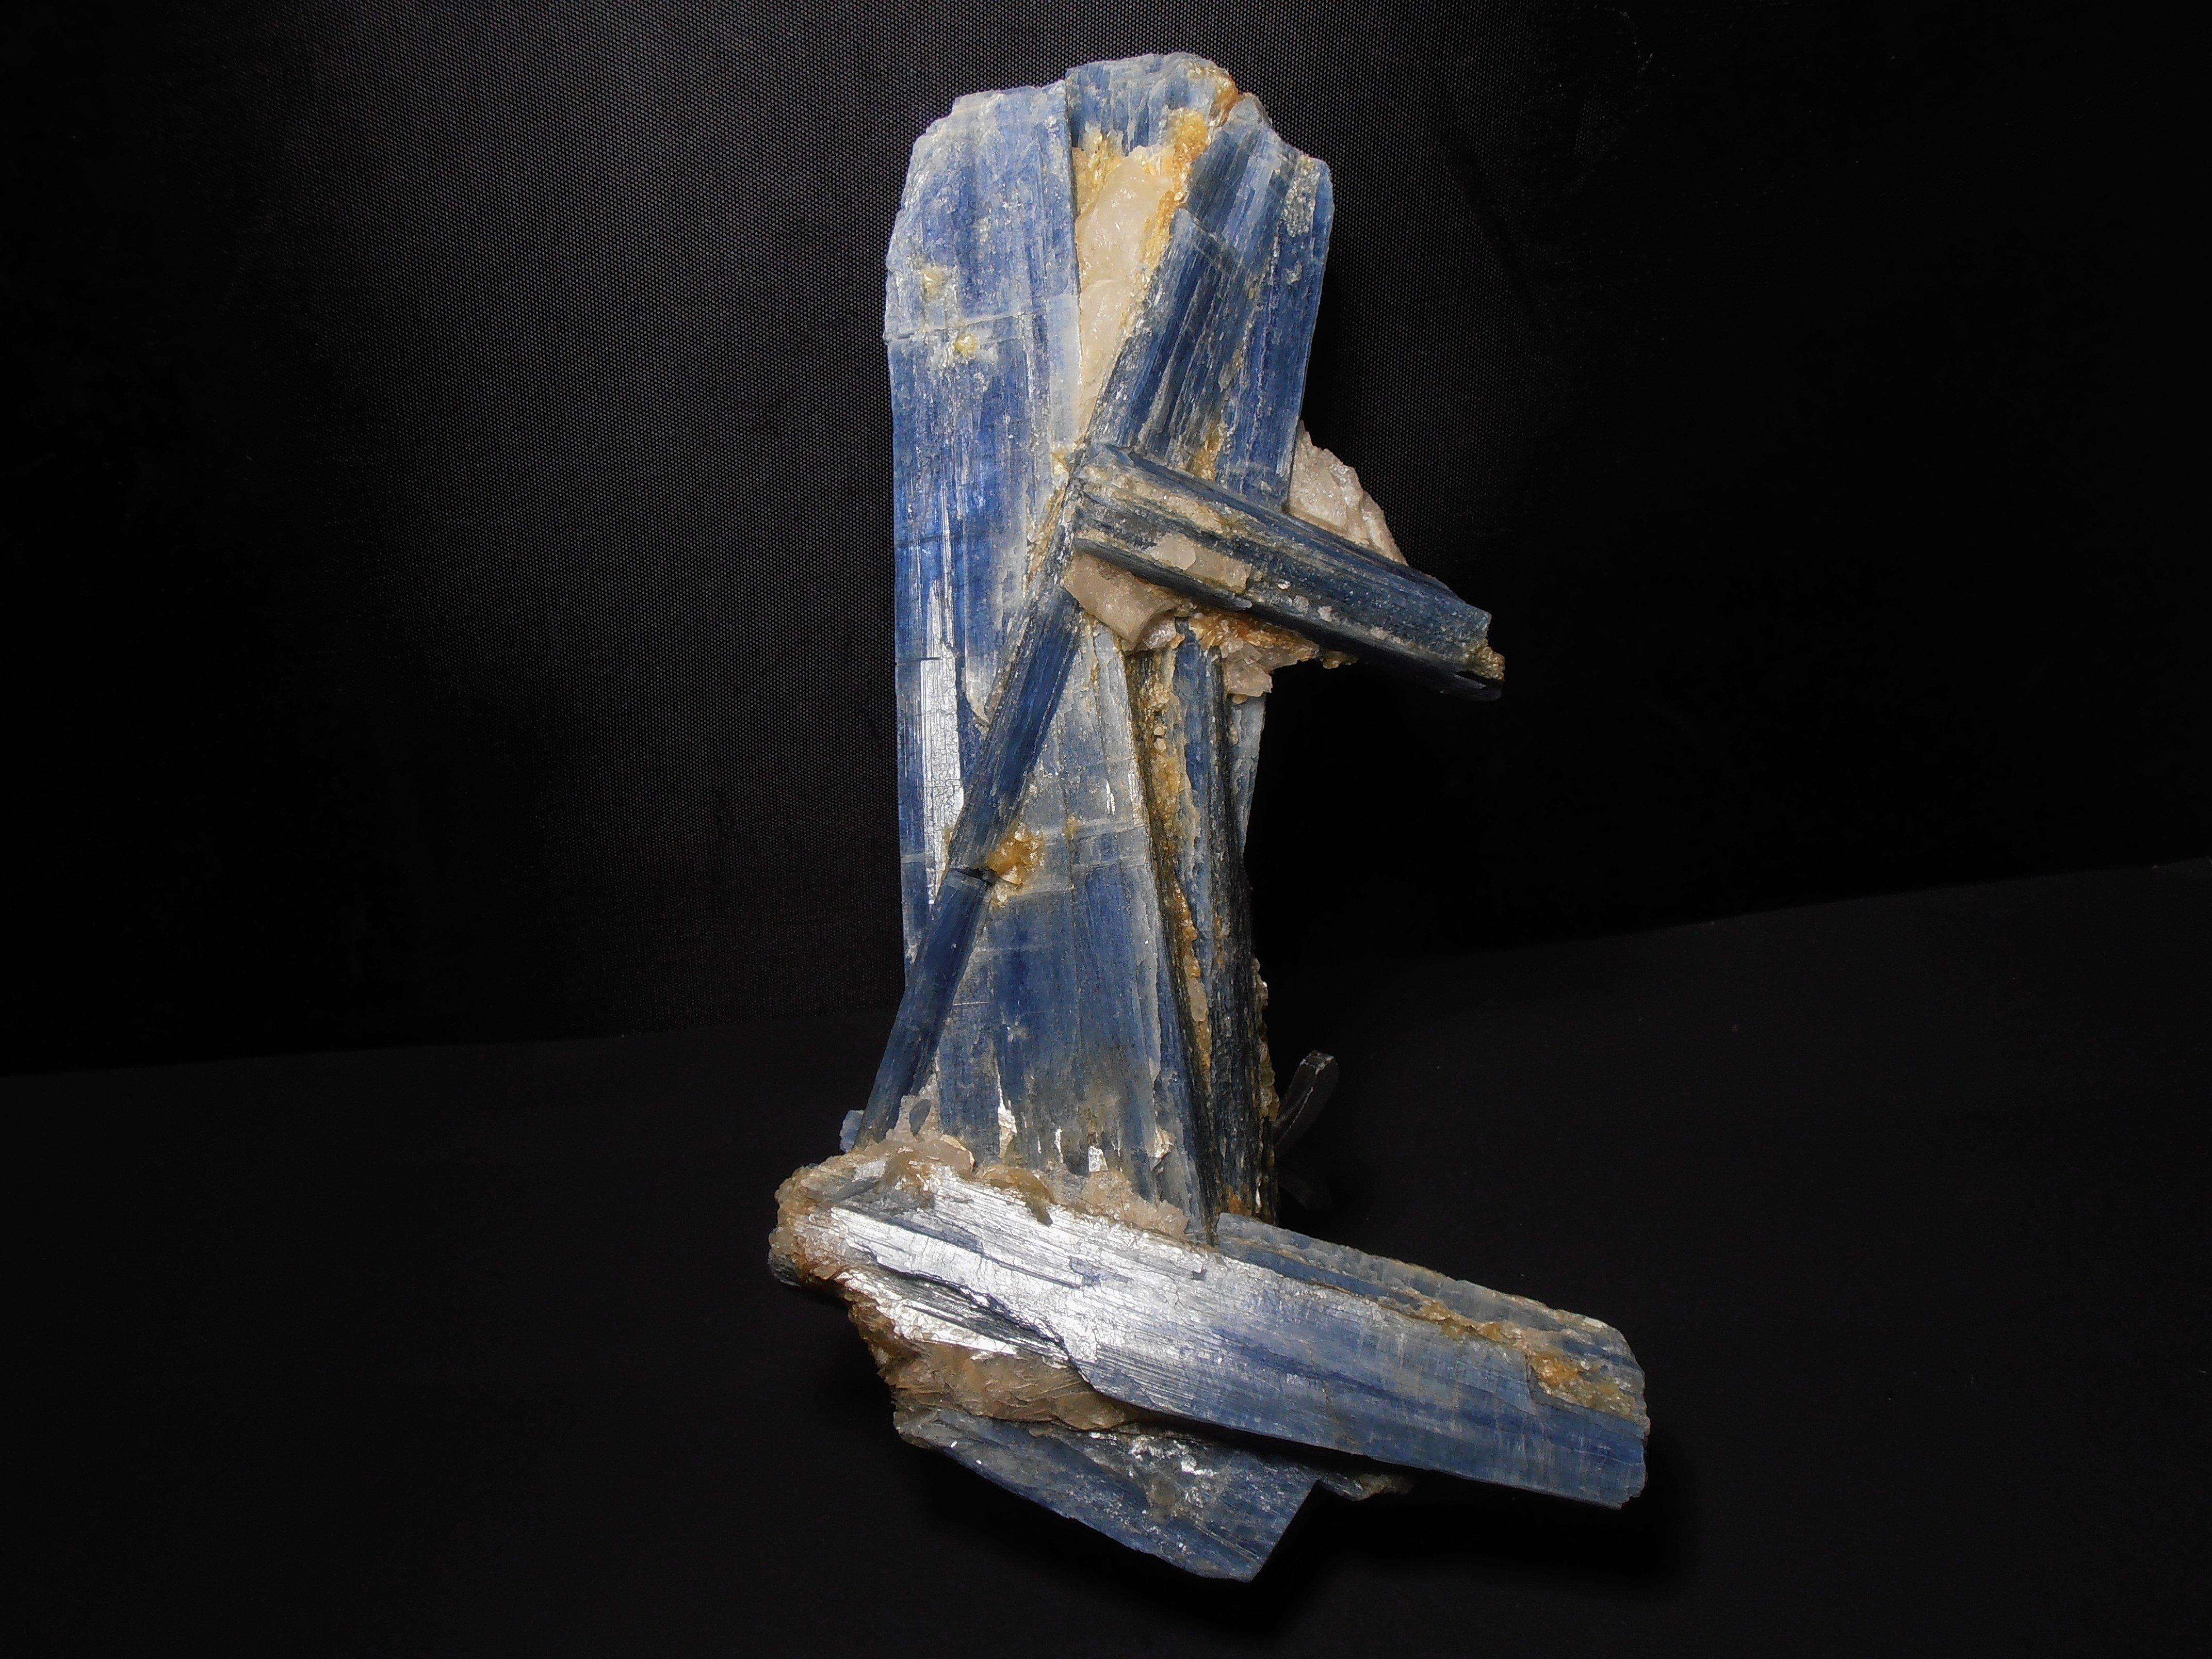 kyanite excellent display